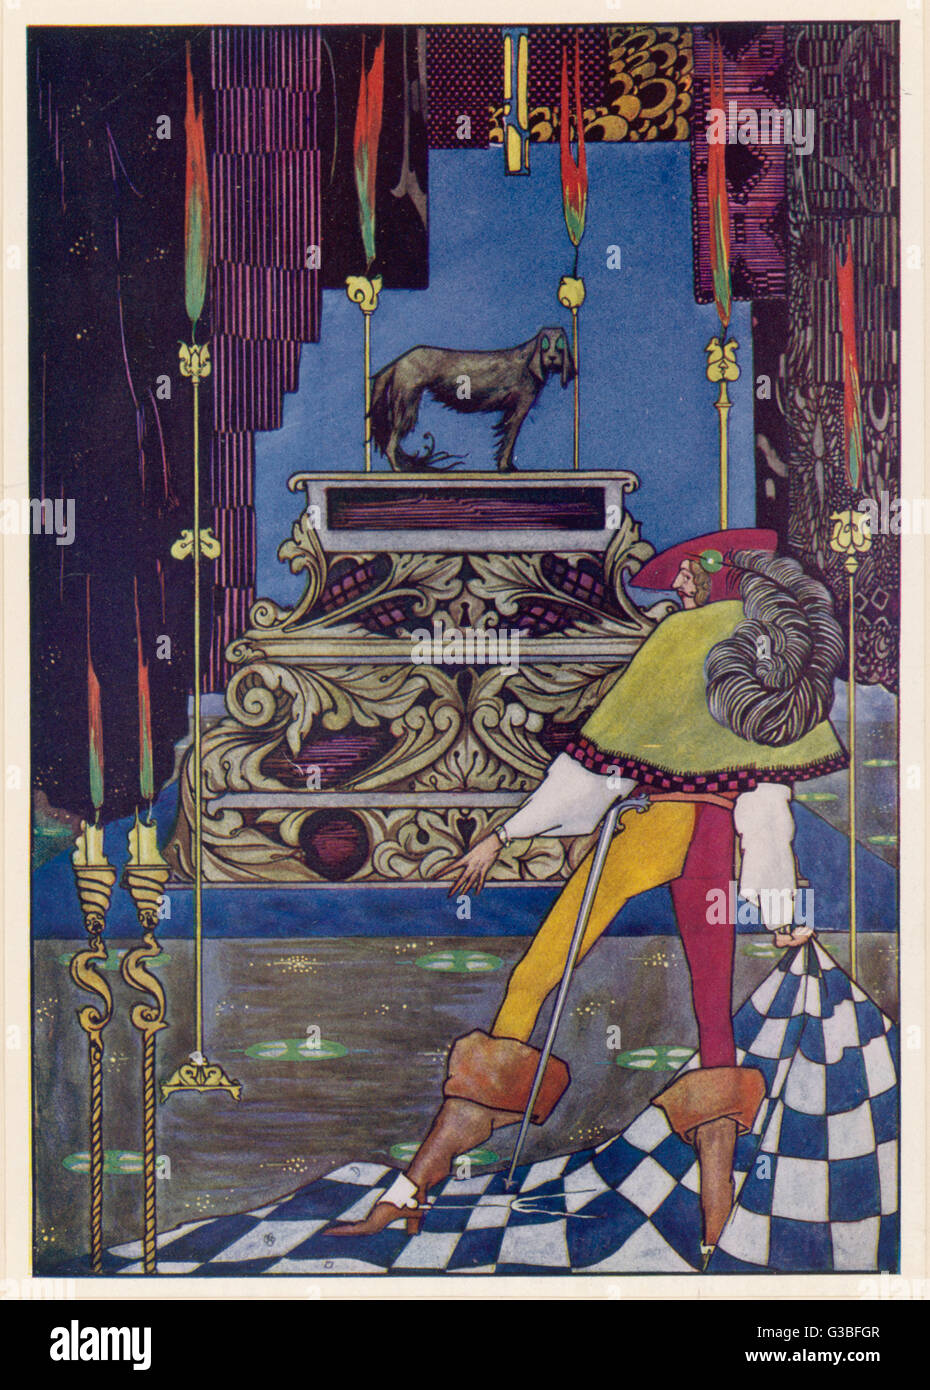 Illustrazione per la fiaba di Hans Andersen. Immagini Stock